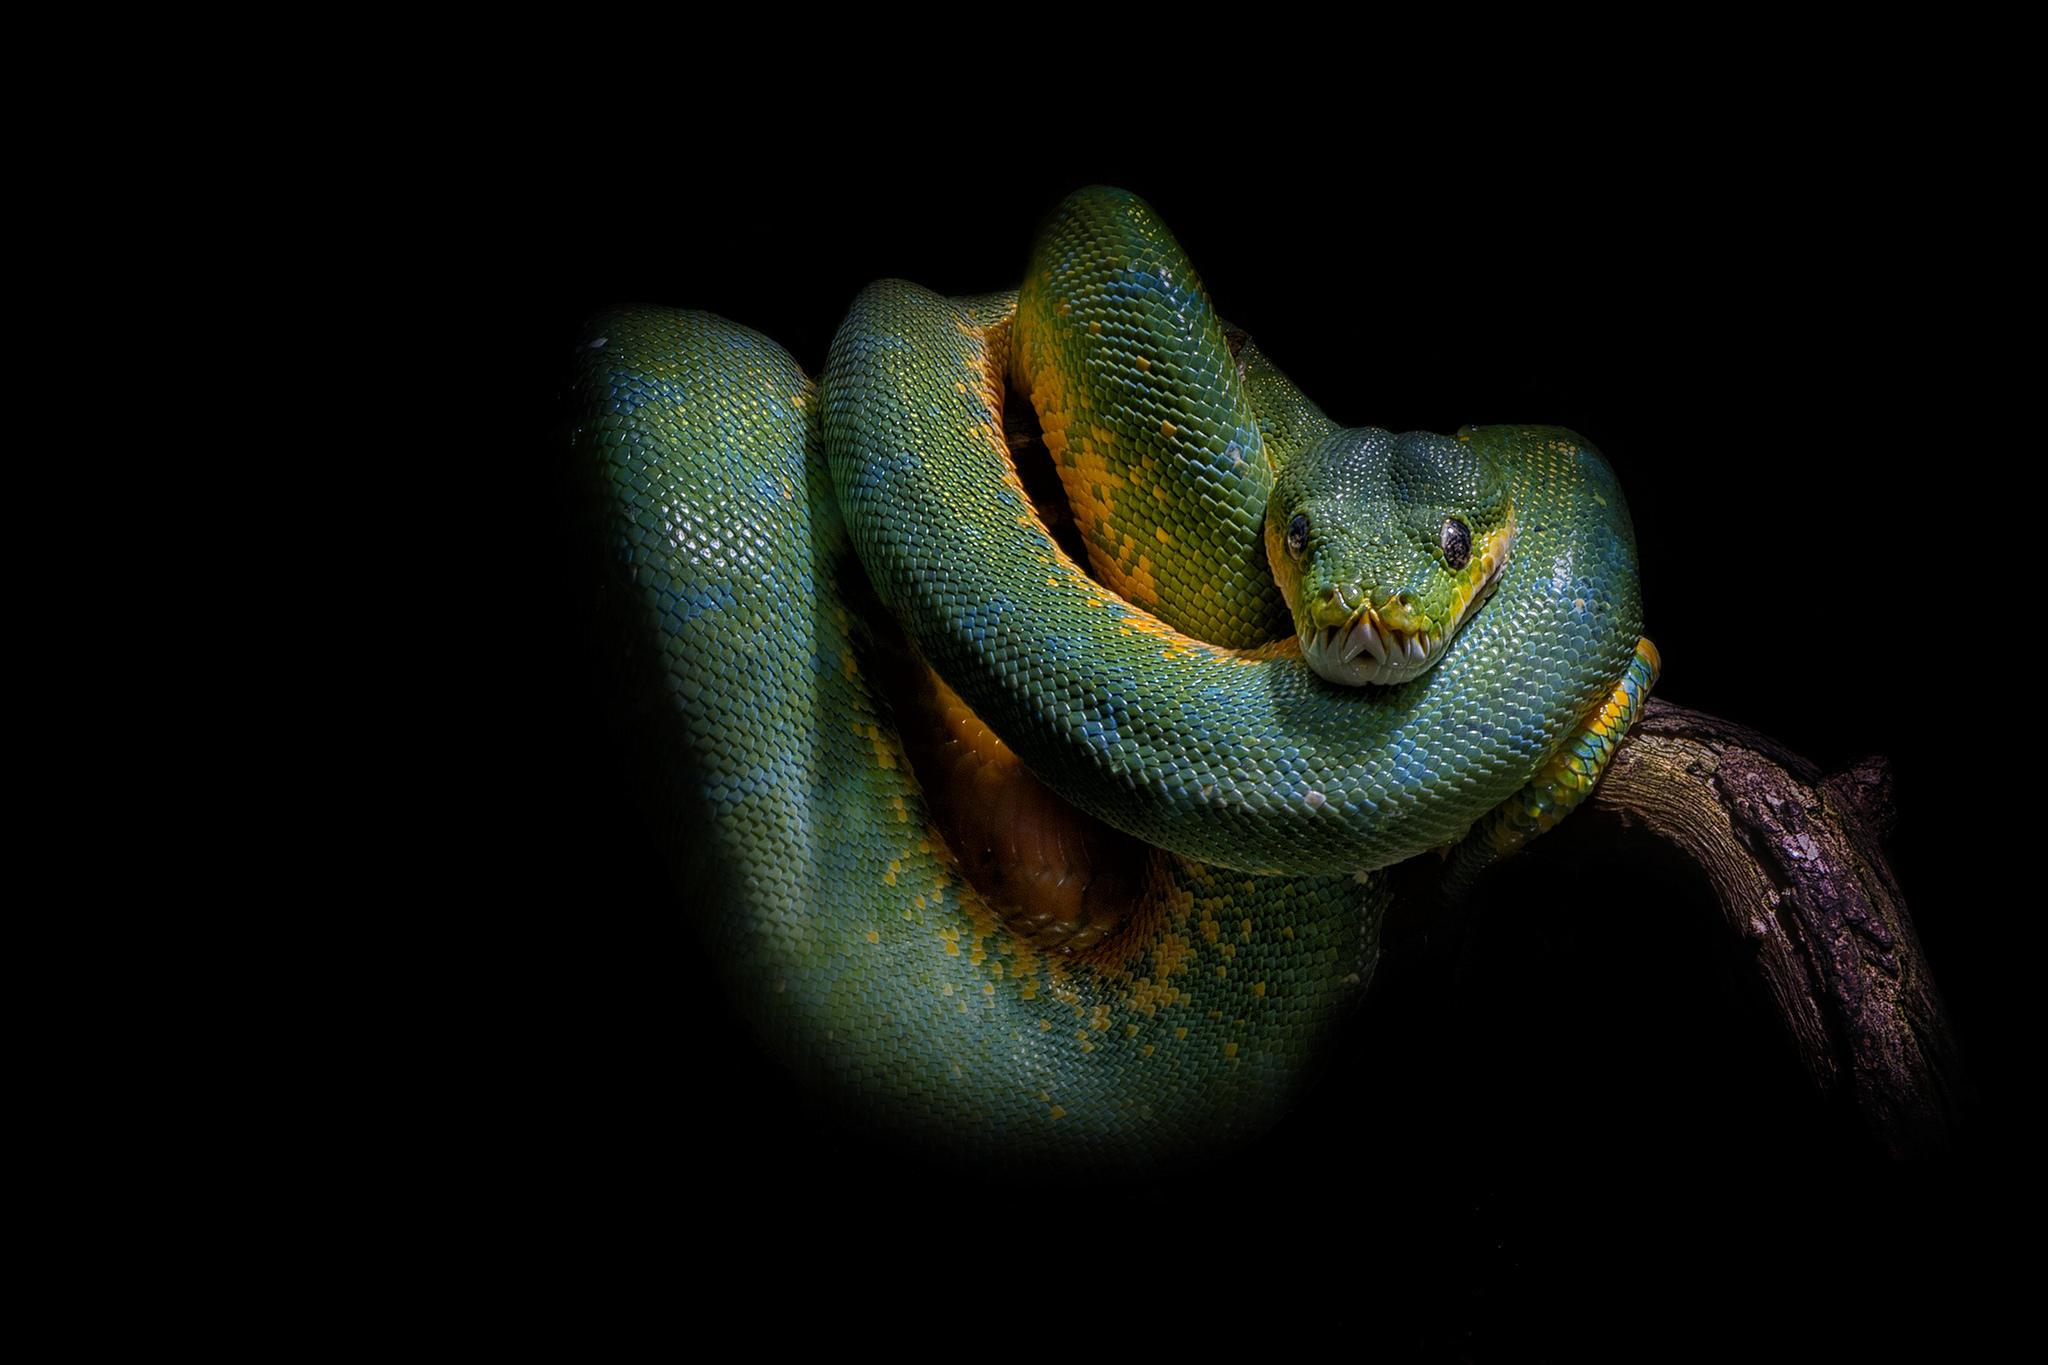 заставка на телефон змея № 57074  скачать